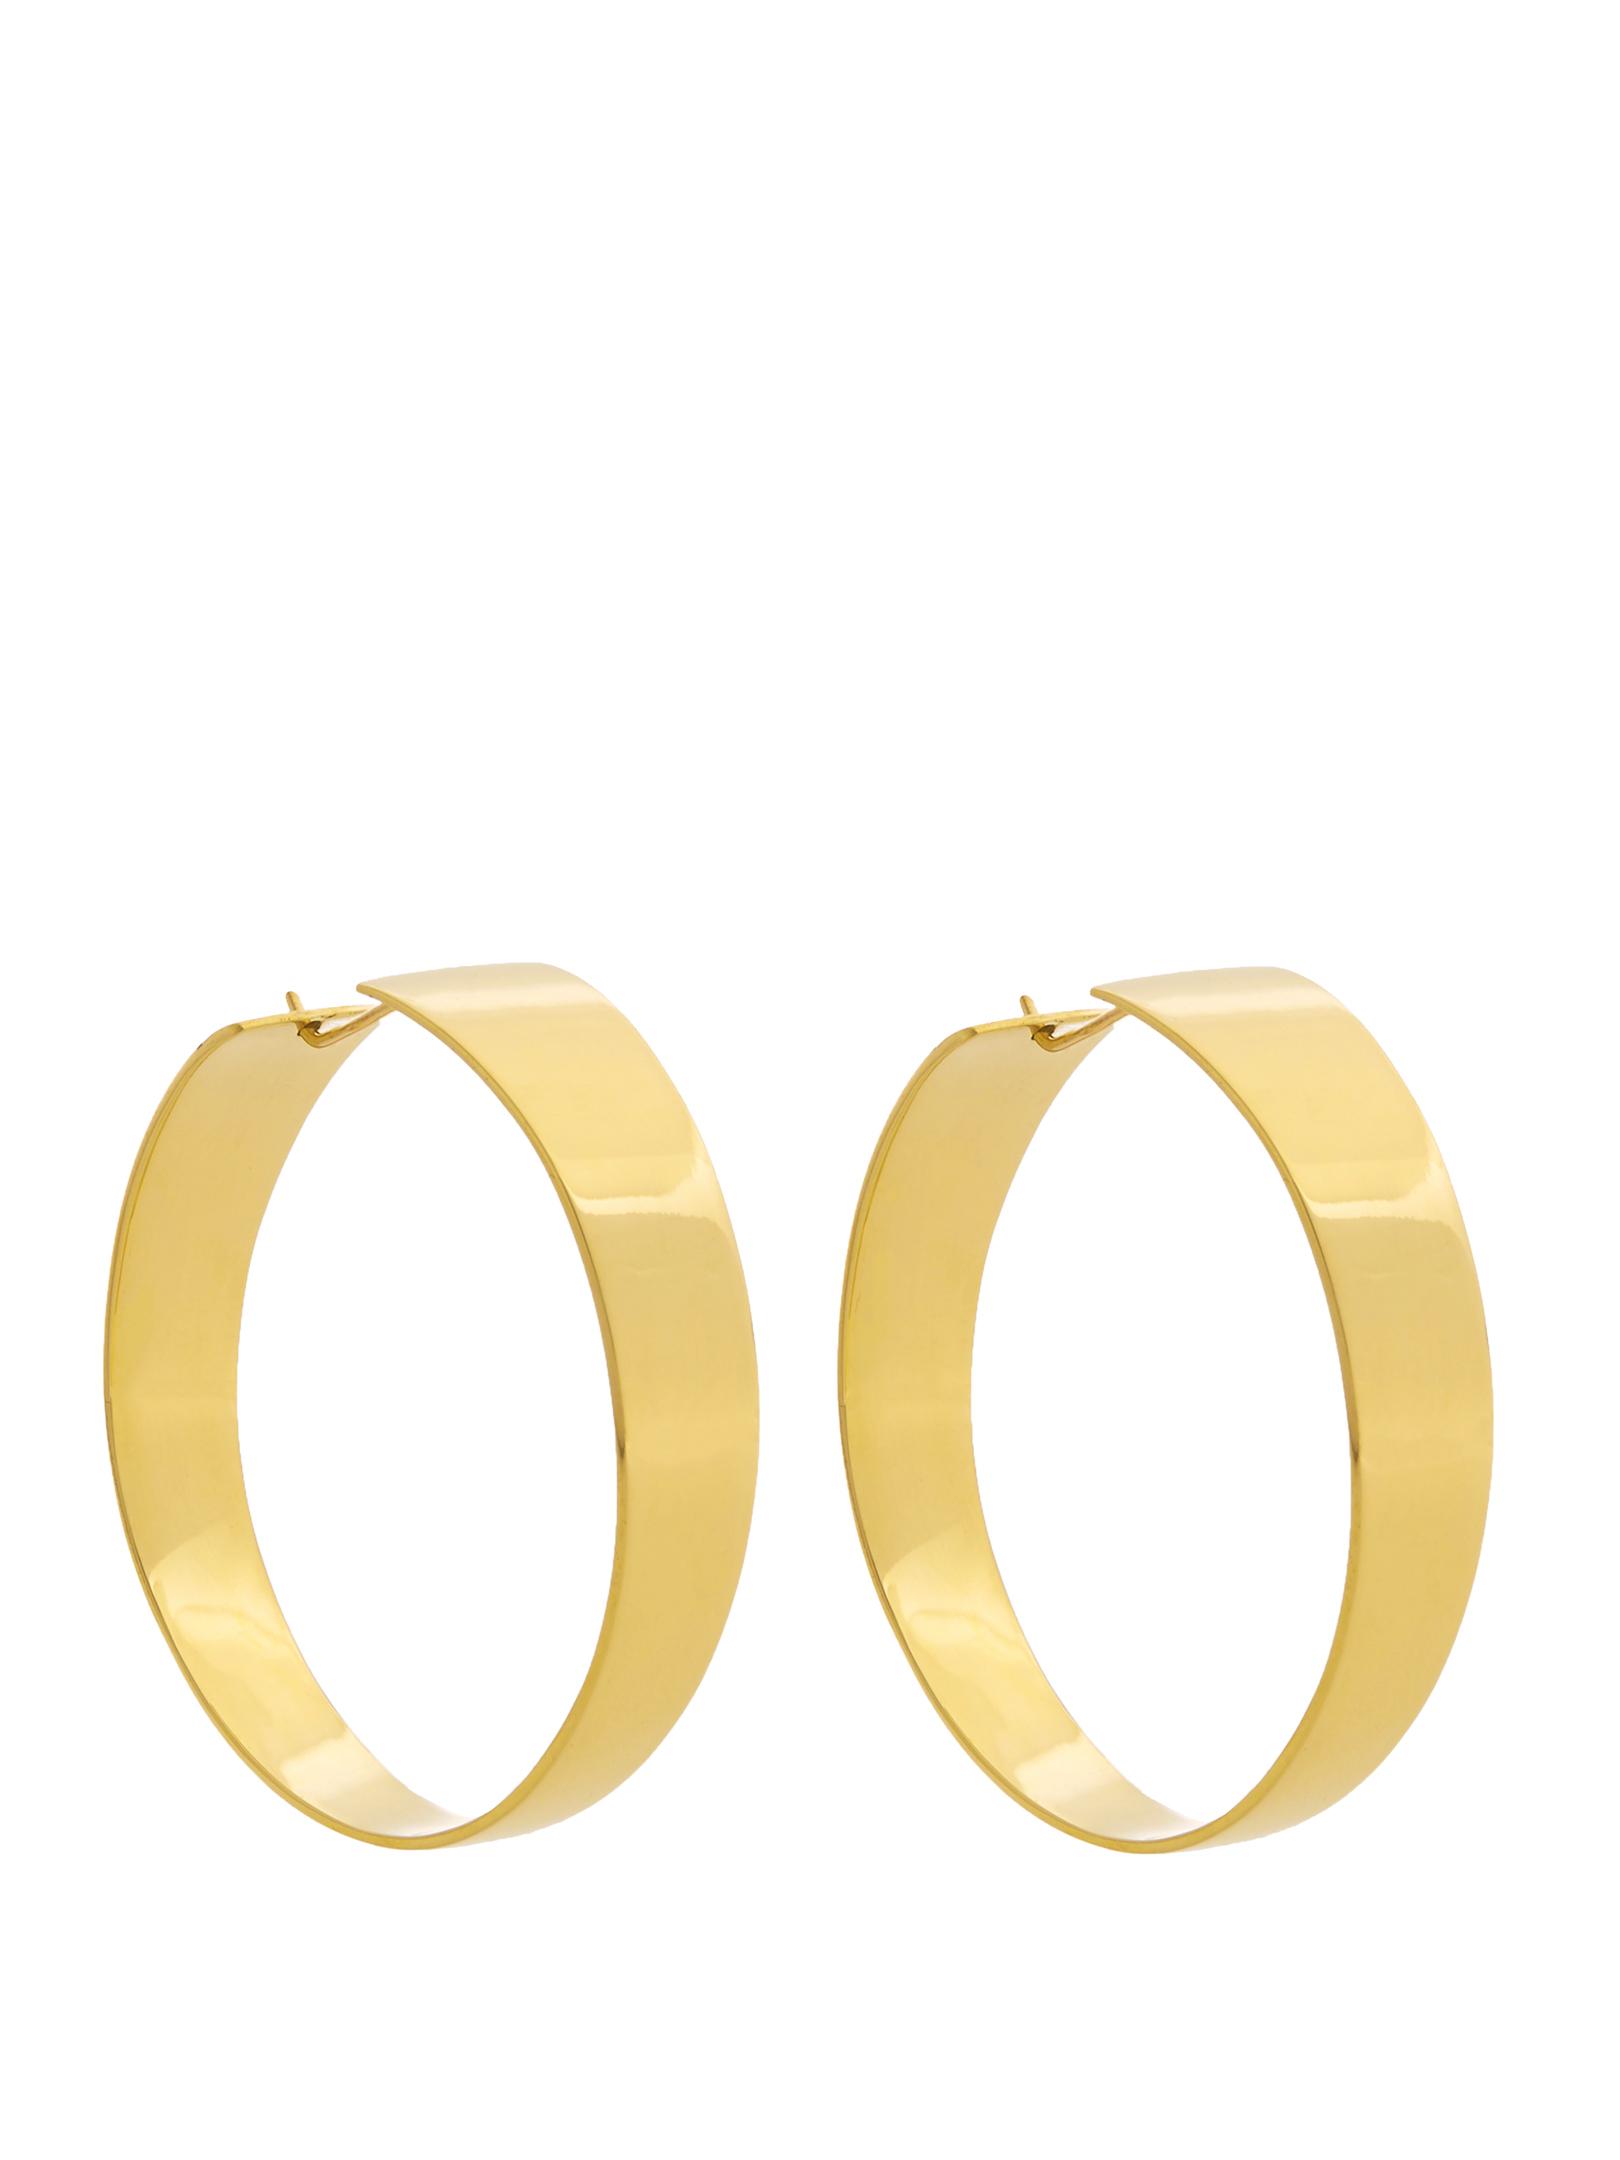 FAY ANDRADA - gold hoop earrings